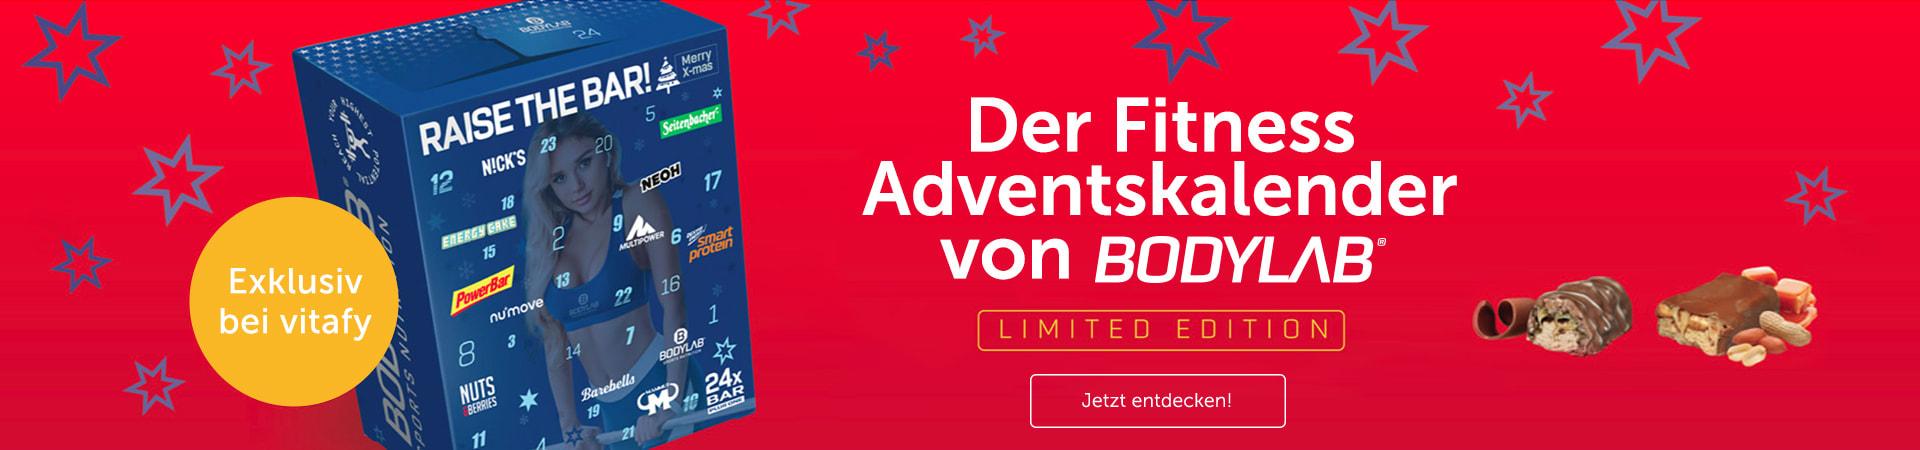 Sichere dir jetzt den Bodylab Fitness Adventskalender, exklusiv mit Early Bird Discount!